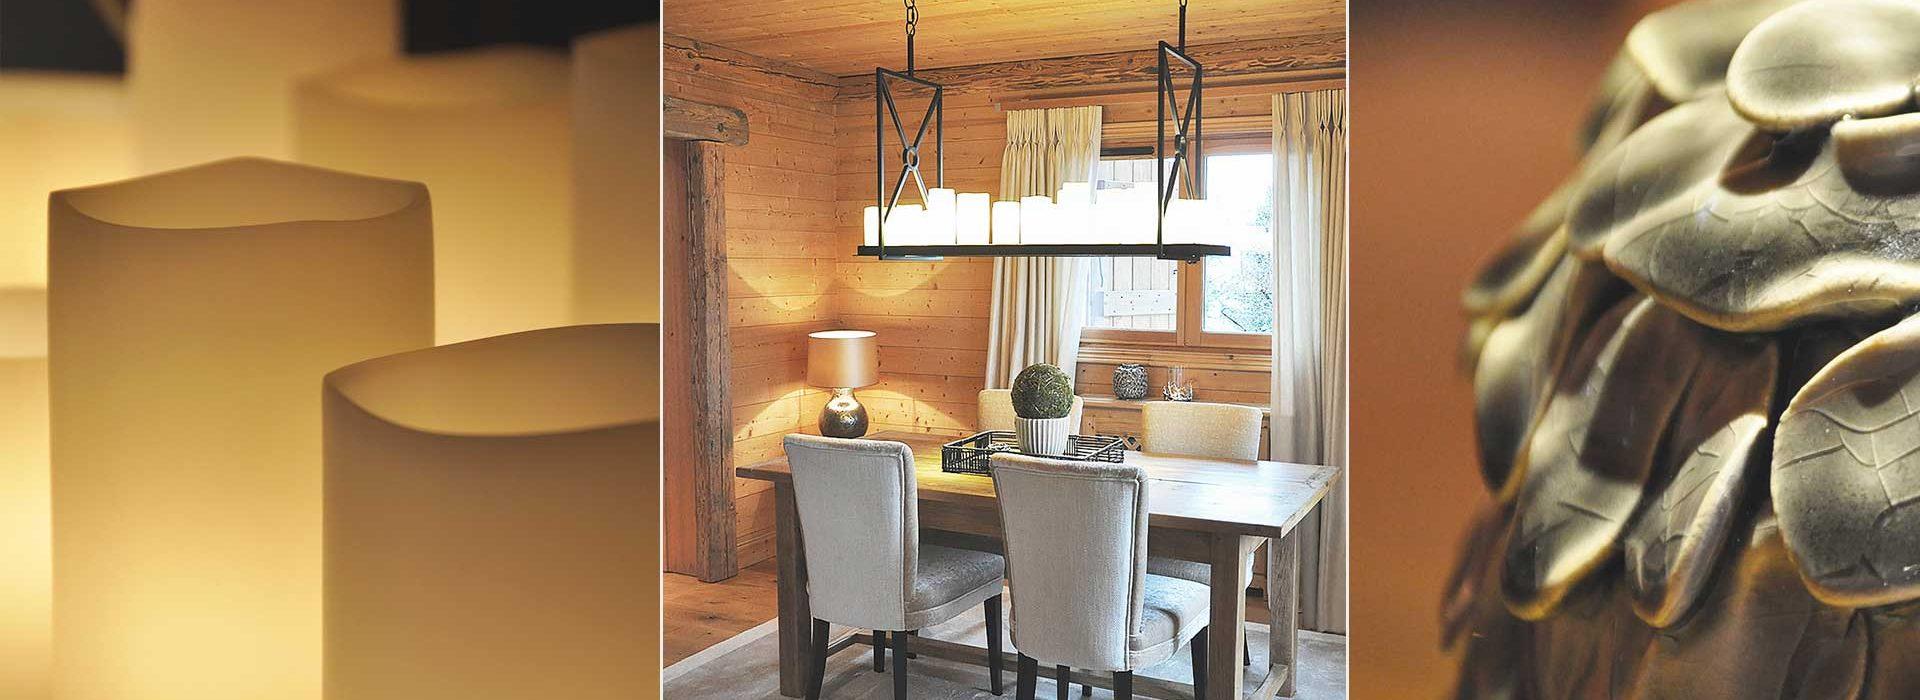 APARTMENT-FRENCH-ALPS-05-Dome-interior-design-Geneve-Suisse